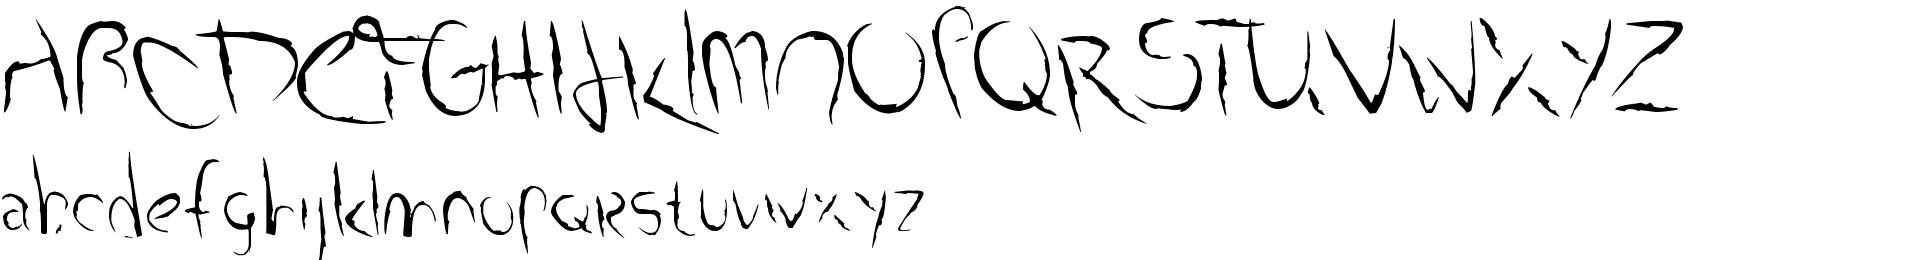 Smudged Alphabet